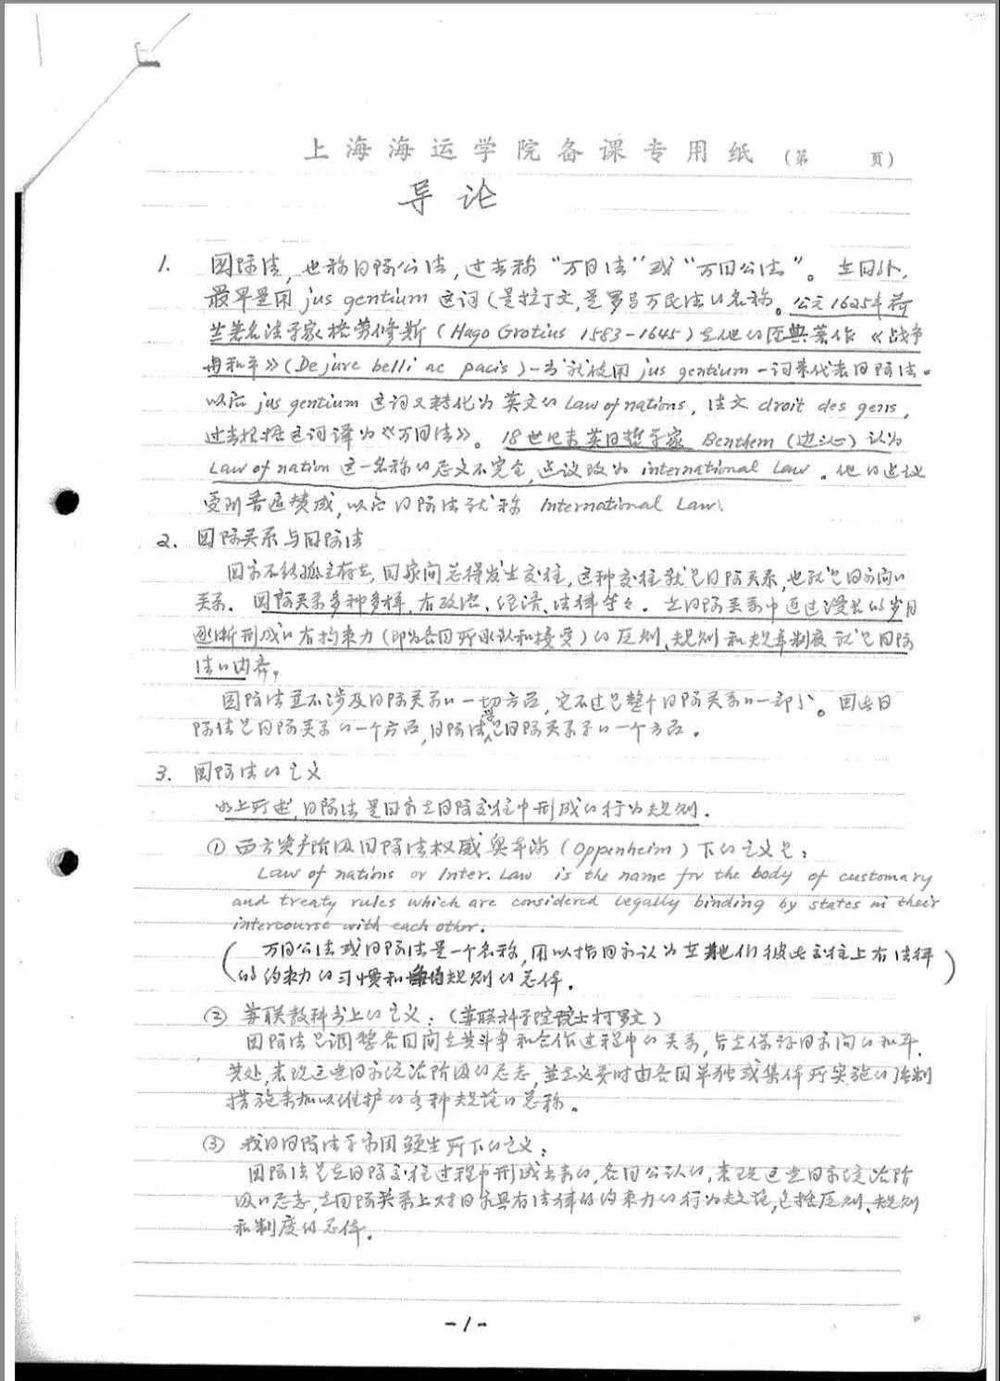 高文彬教授讲义手稿